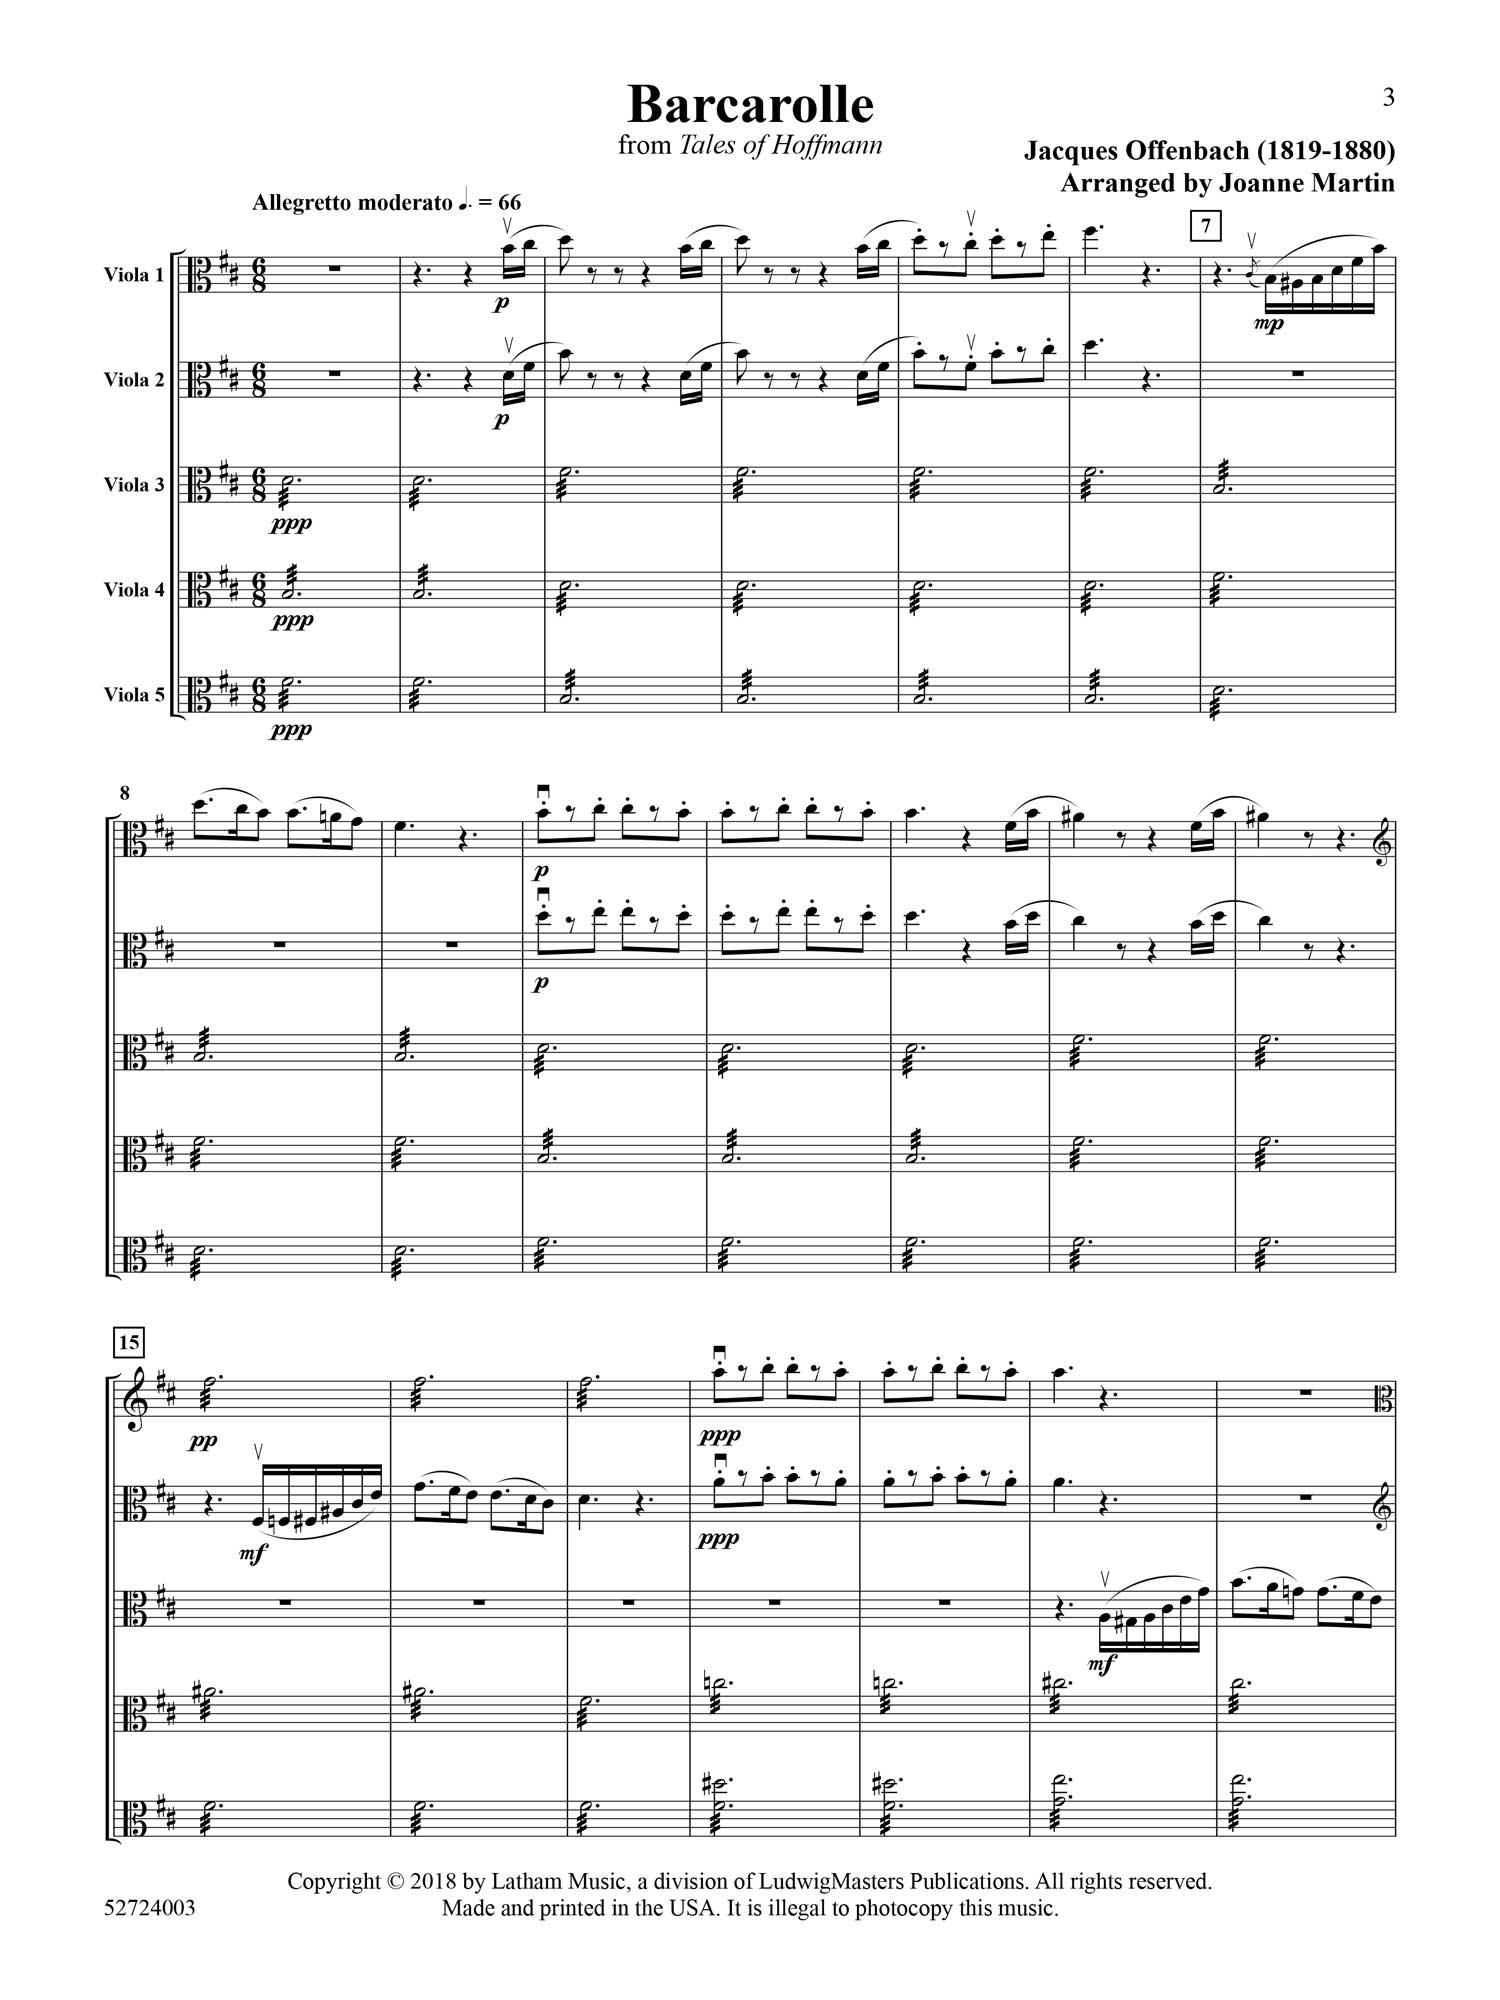 barcarolle-viola-quintet-score.jpg